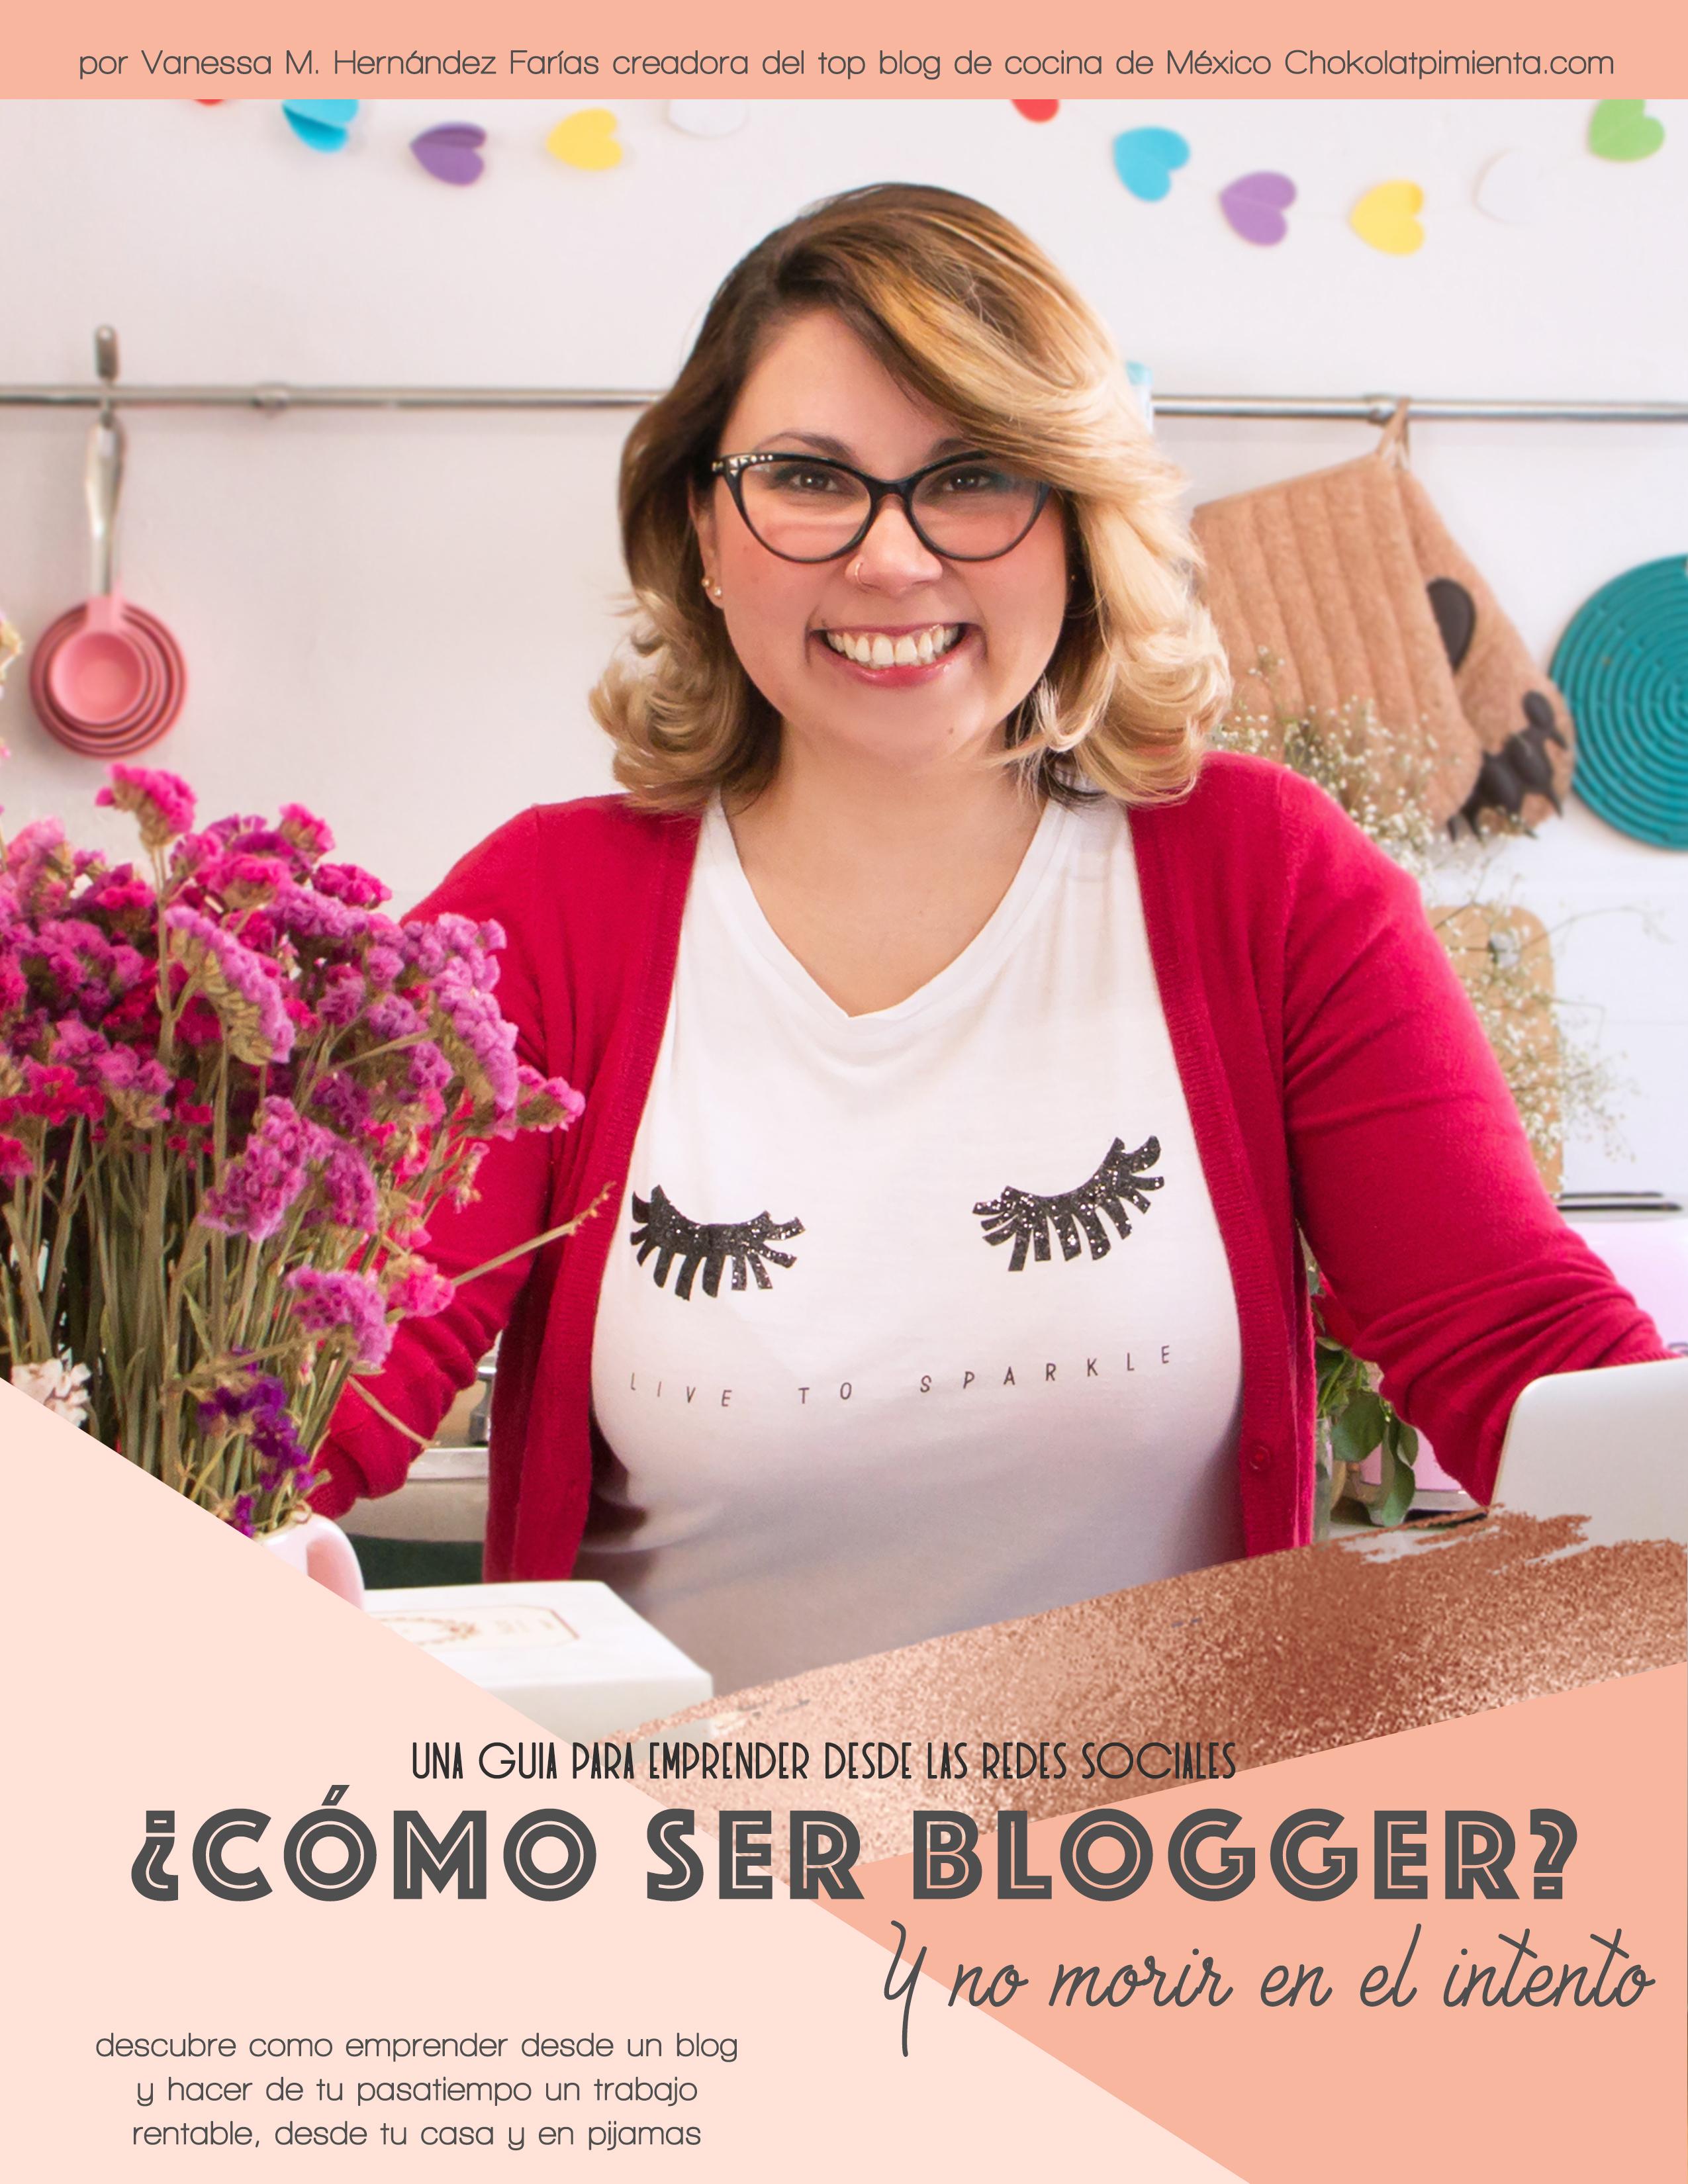 cómo ser blogger y no morir en el intento